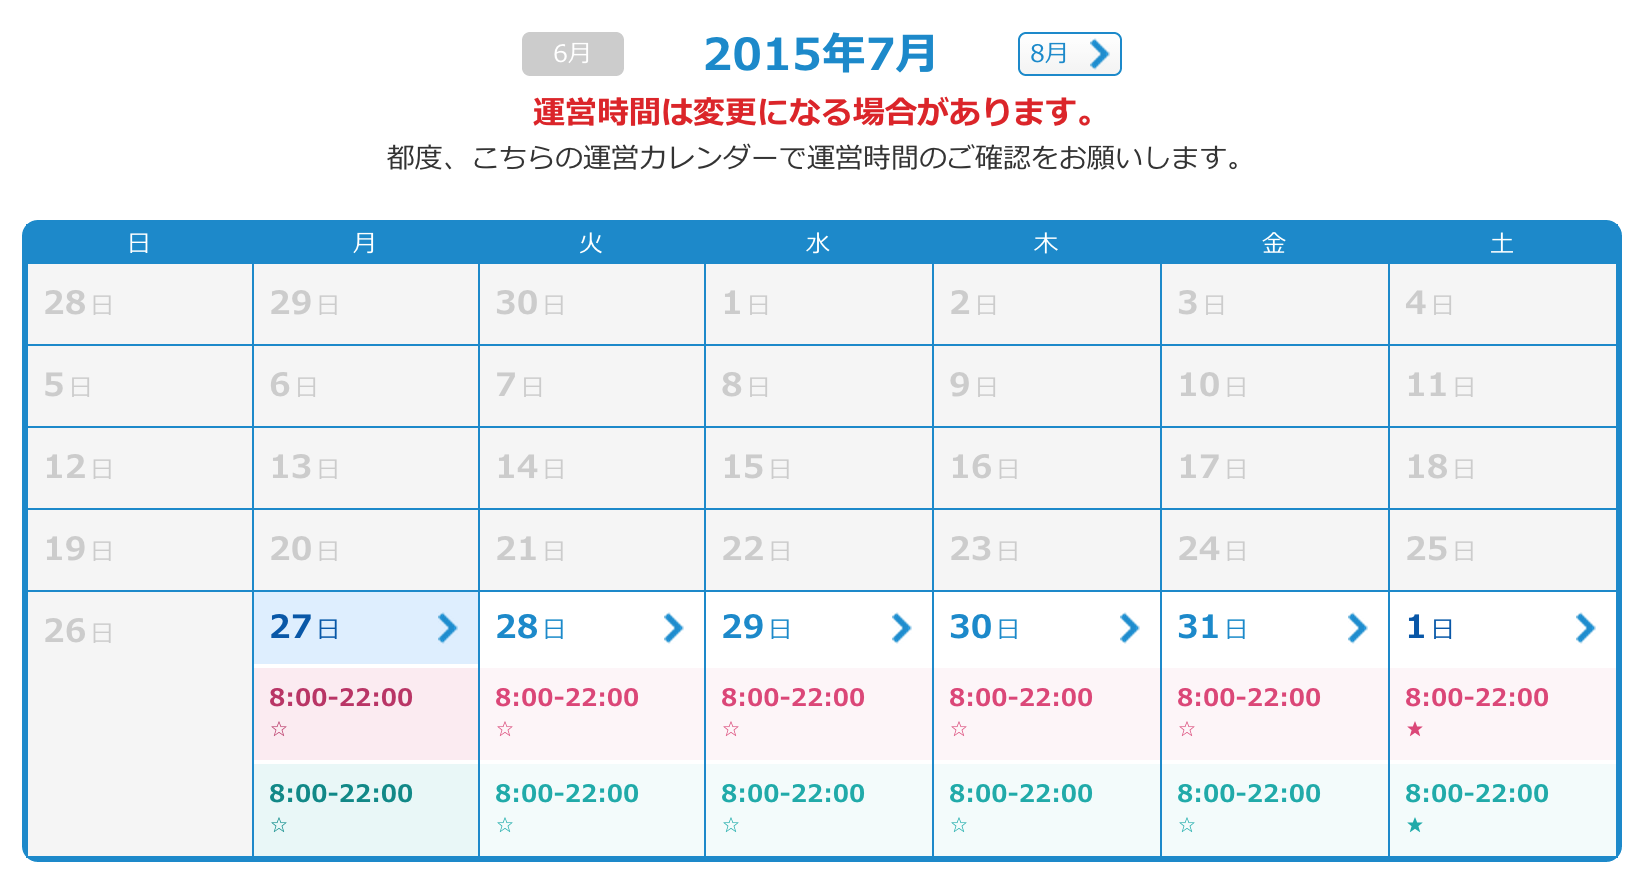 東京ディズニーランドはいつが空いているか | クロポンモビ